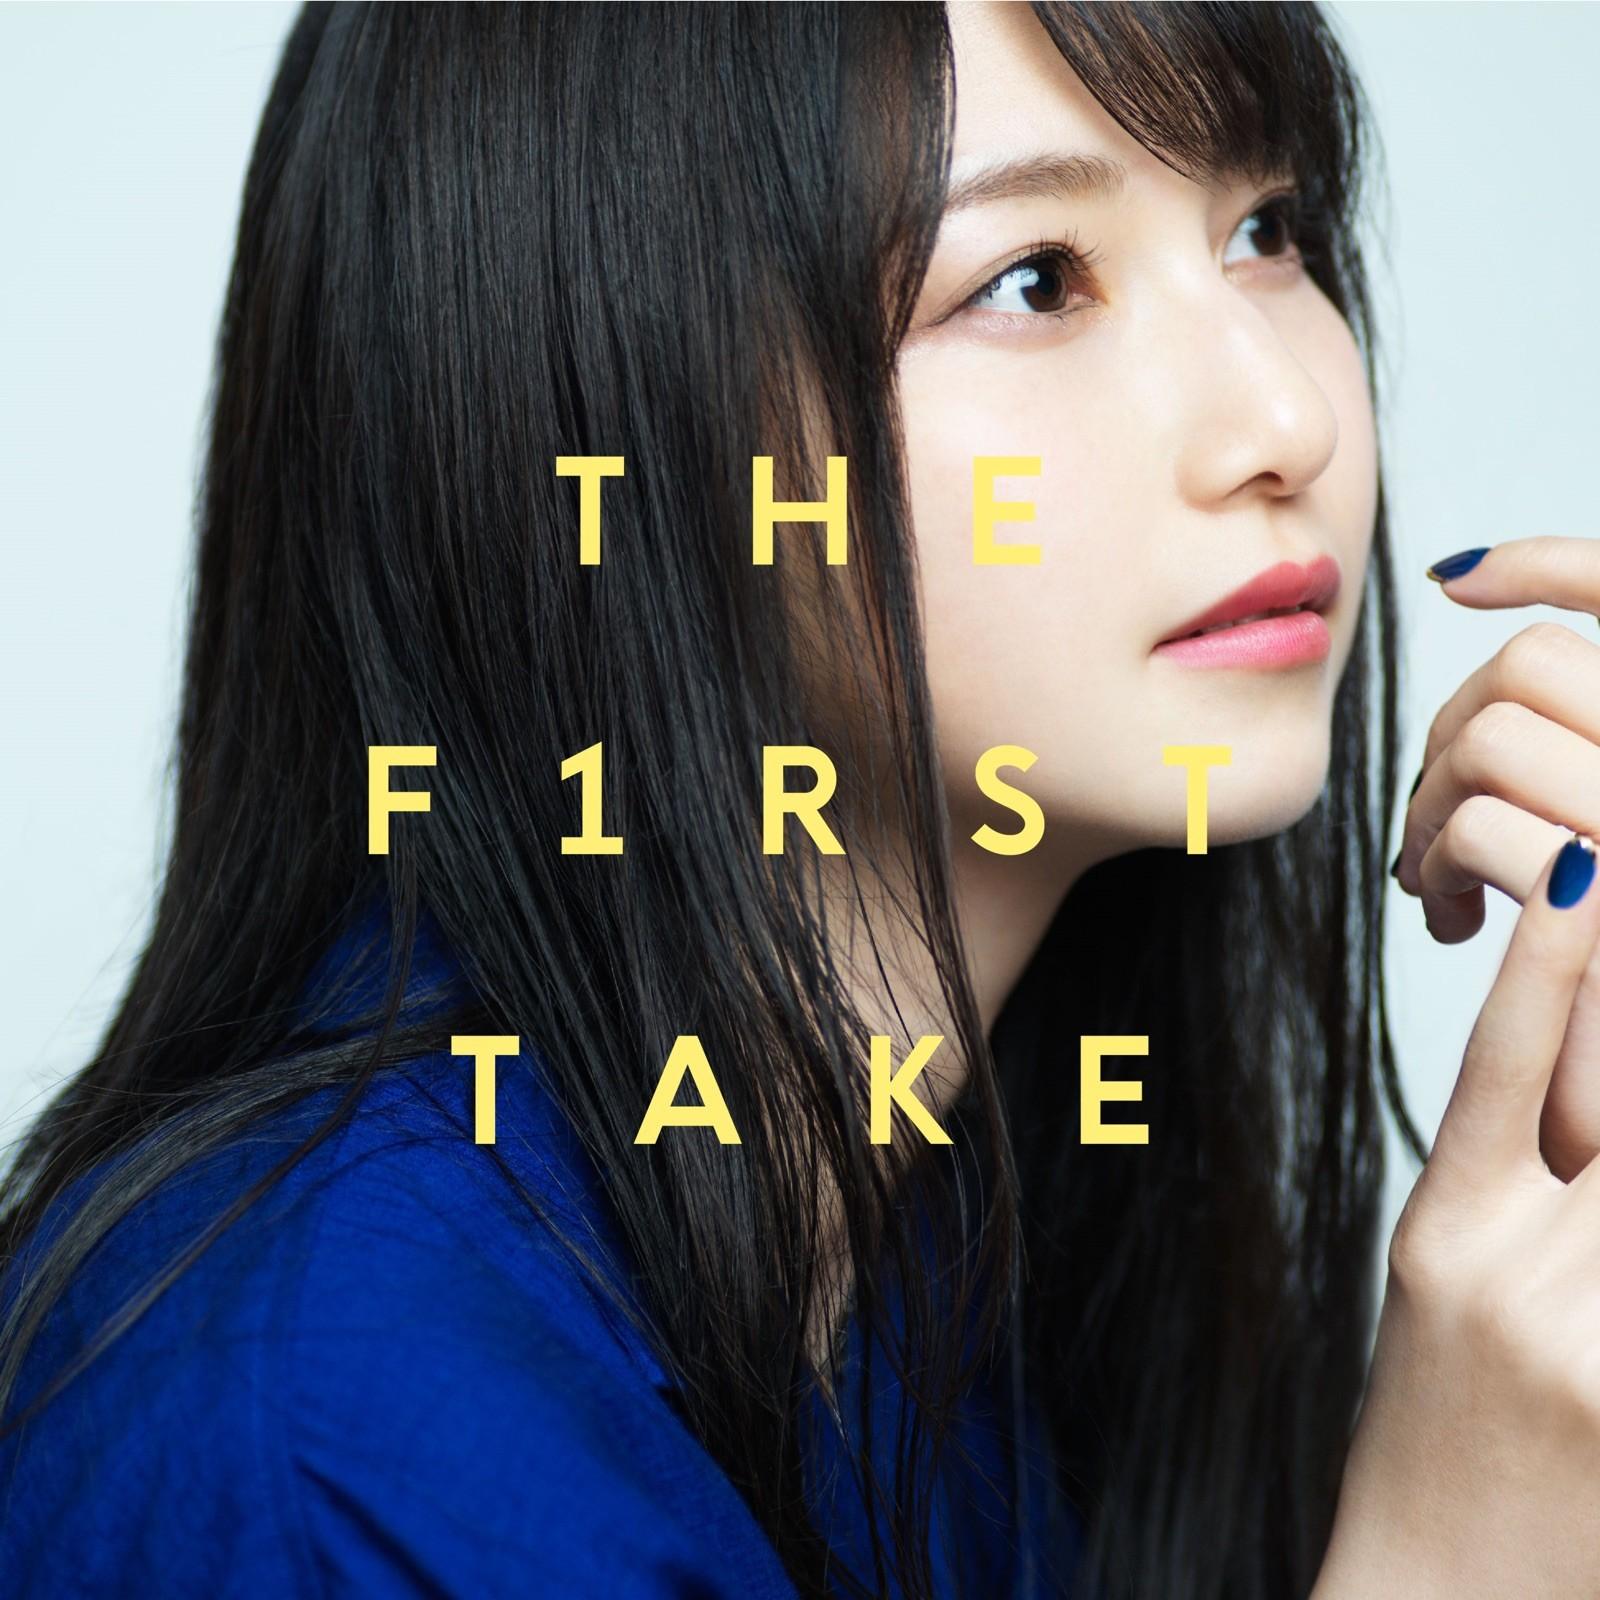 雨宮天 (Sora Amamiya) – PARADOX – From THE FIRST TAKE [24bit Lossless + MP3 / WEB] [2021.08.28]